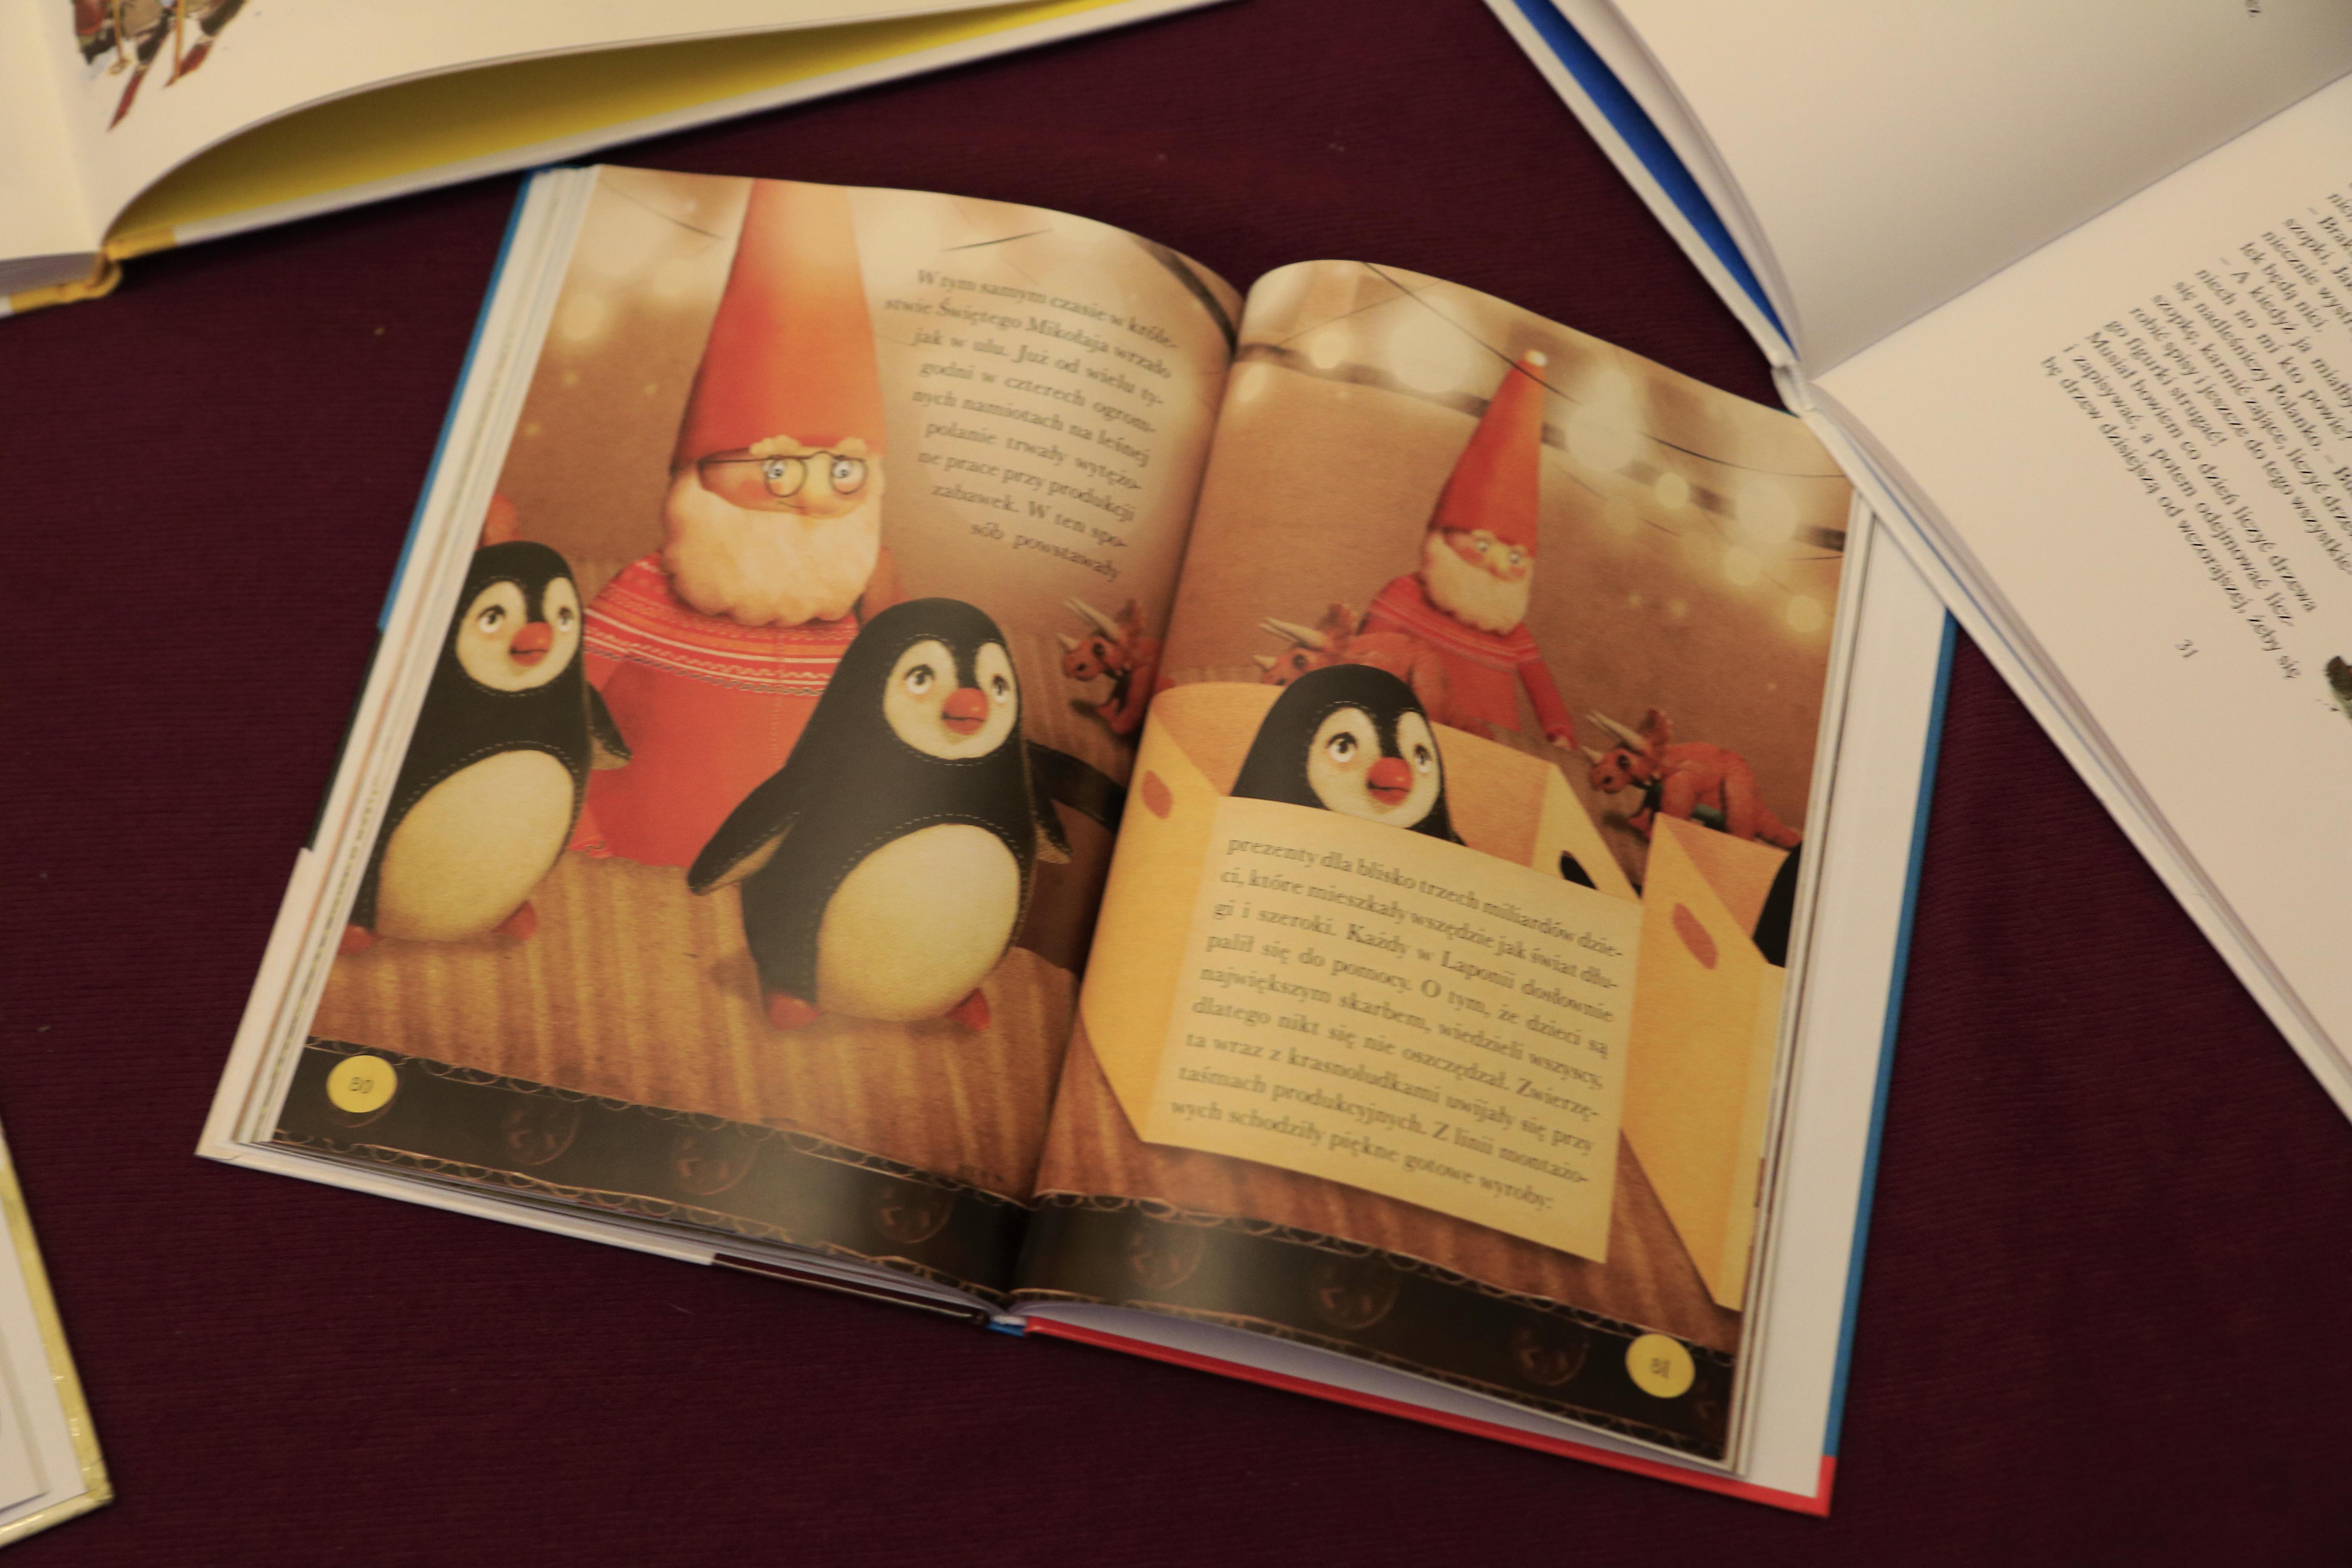 książki o bożym narodzeniu dla dzieci, pamiętnik świętego mikołaja